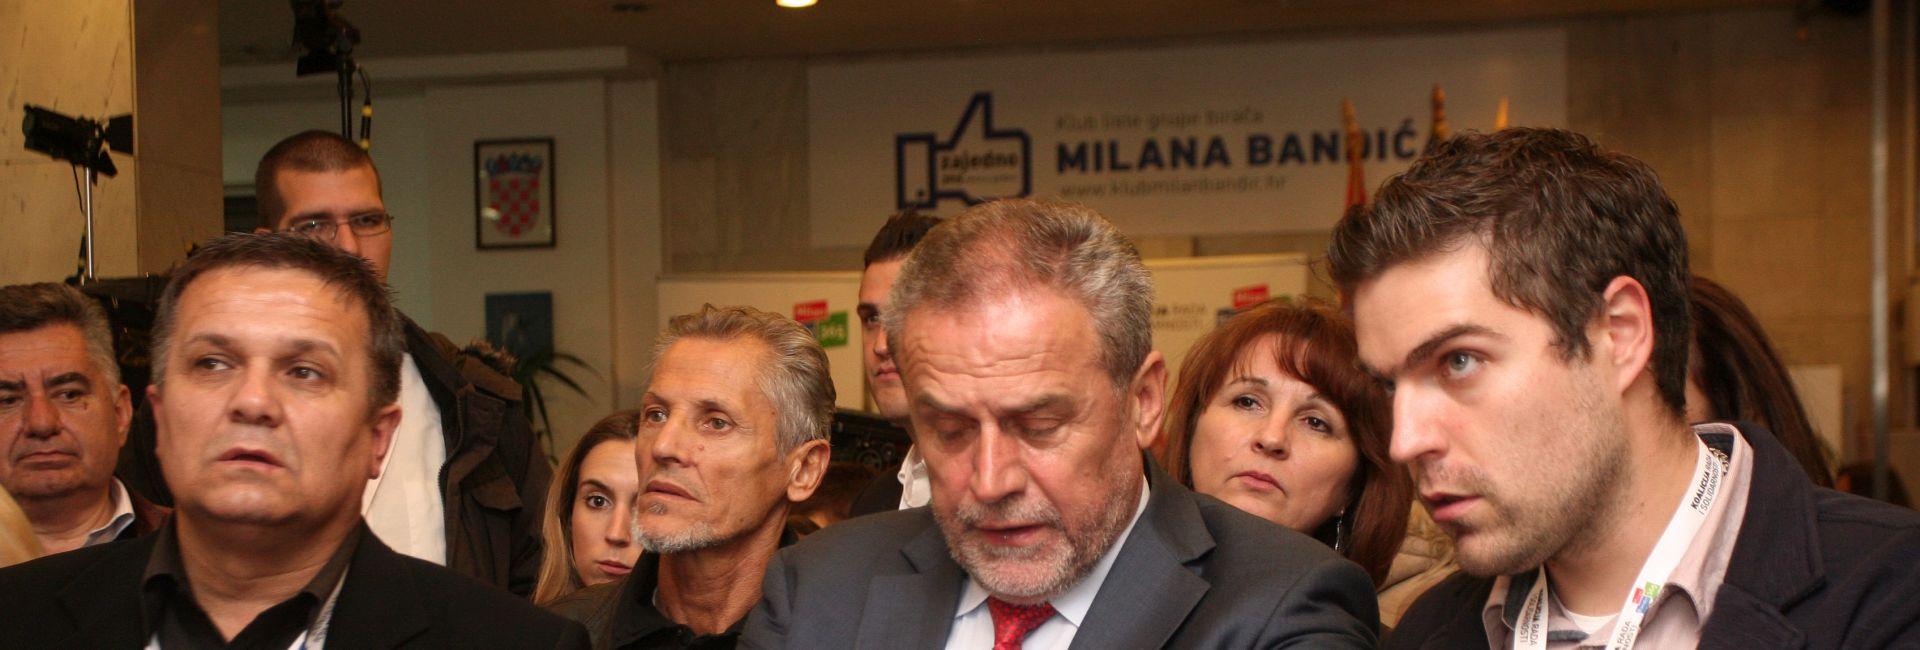 Bandić: Još me nitko nije kontaktirao oko koalicije i Vlade